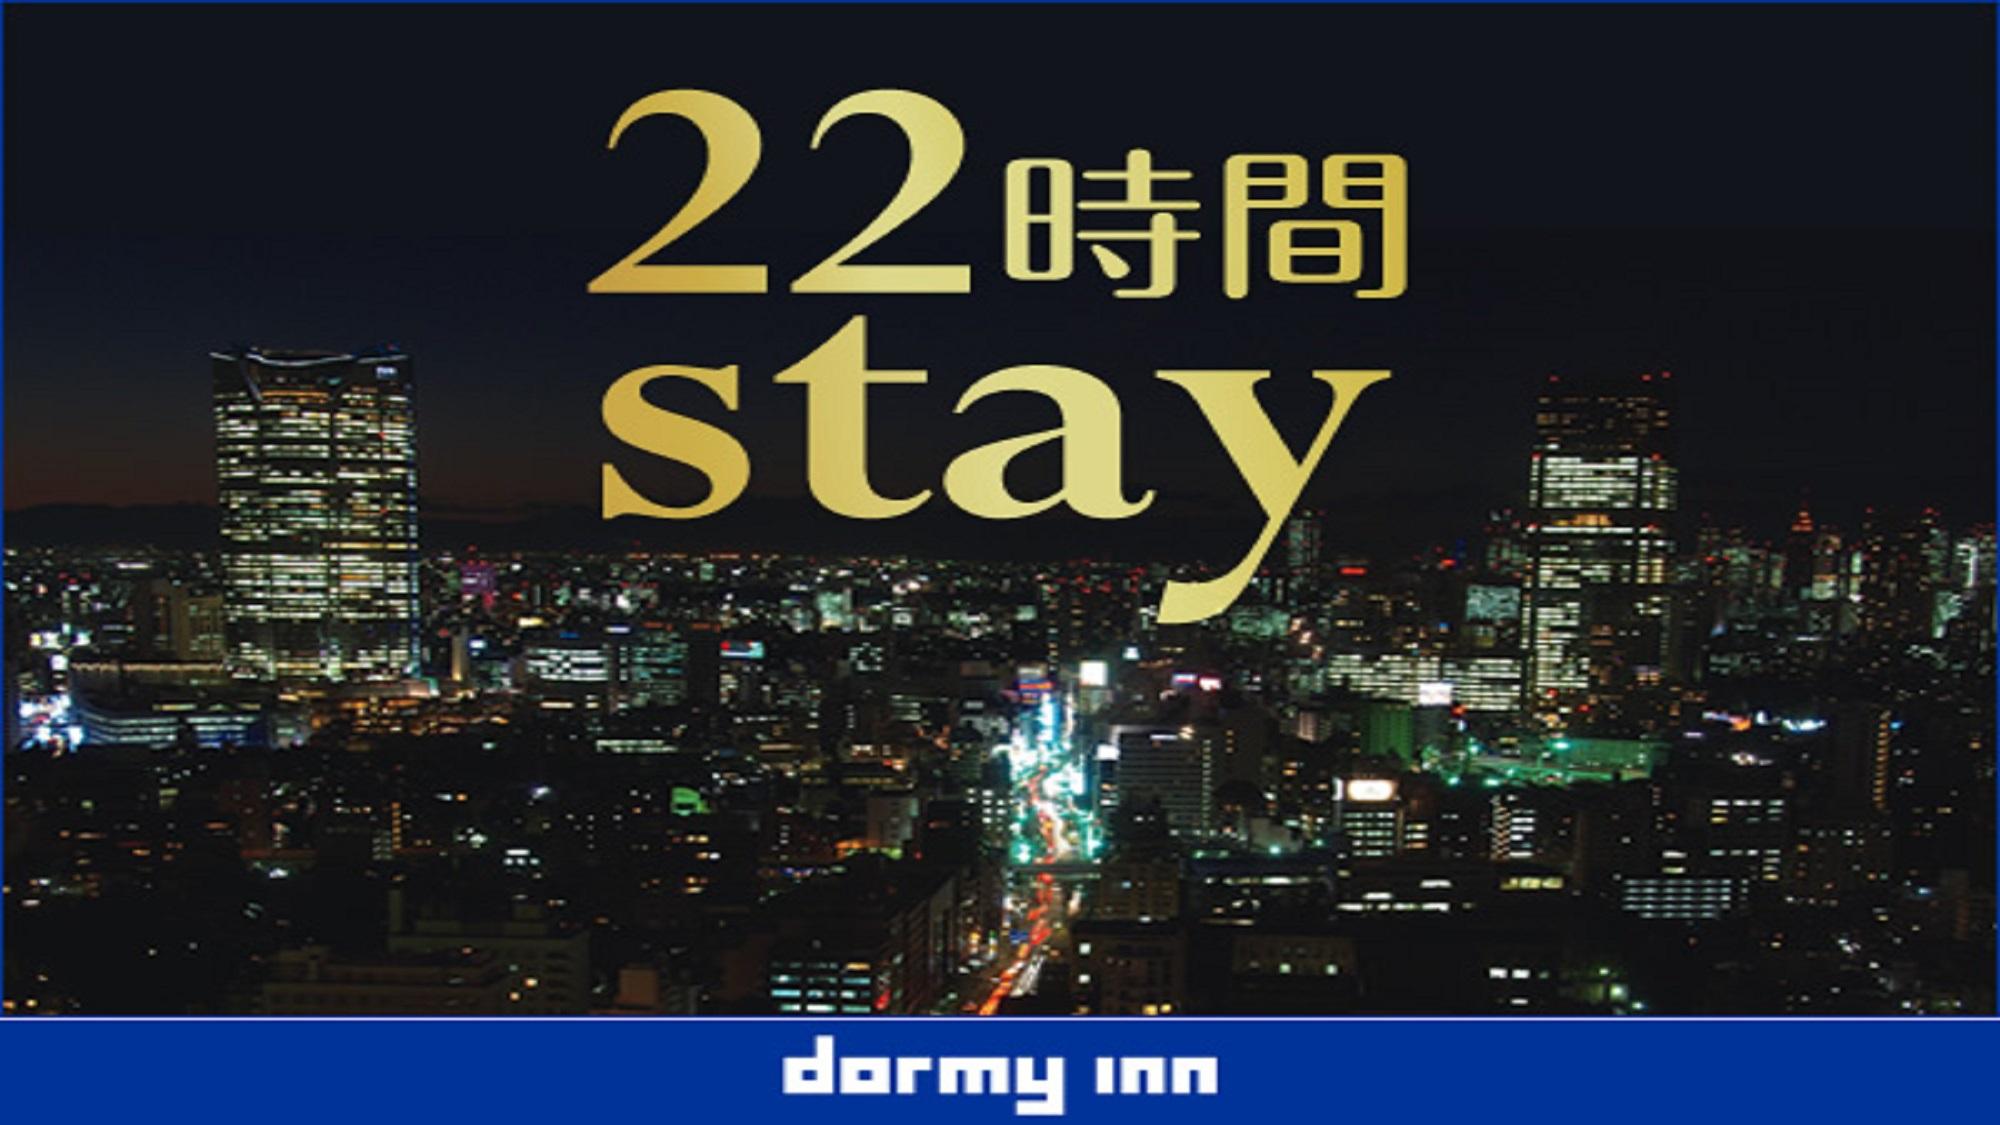 【22時間 stay】15時チェックイン〜13時チェックアウト《朝食付》